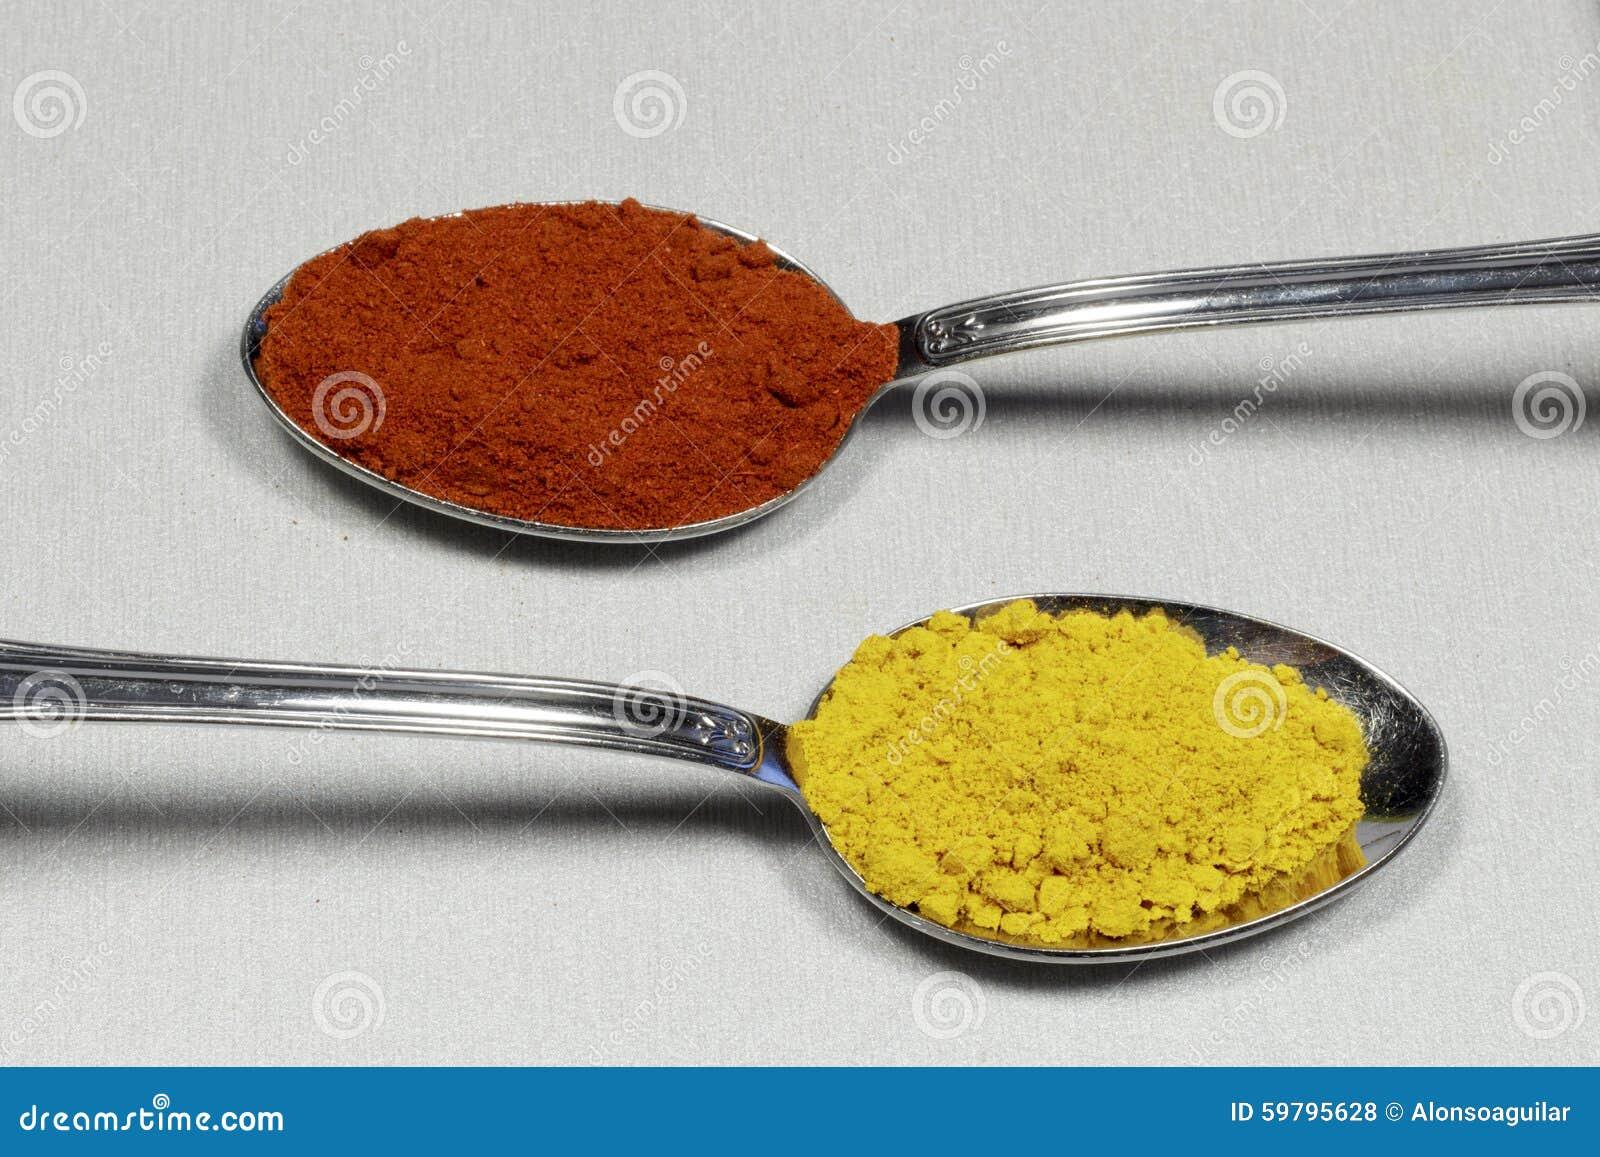 Två skedar som innehåller paprika och curry